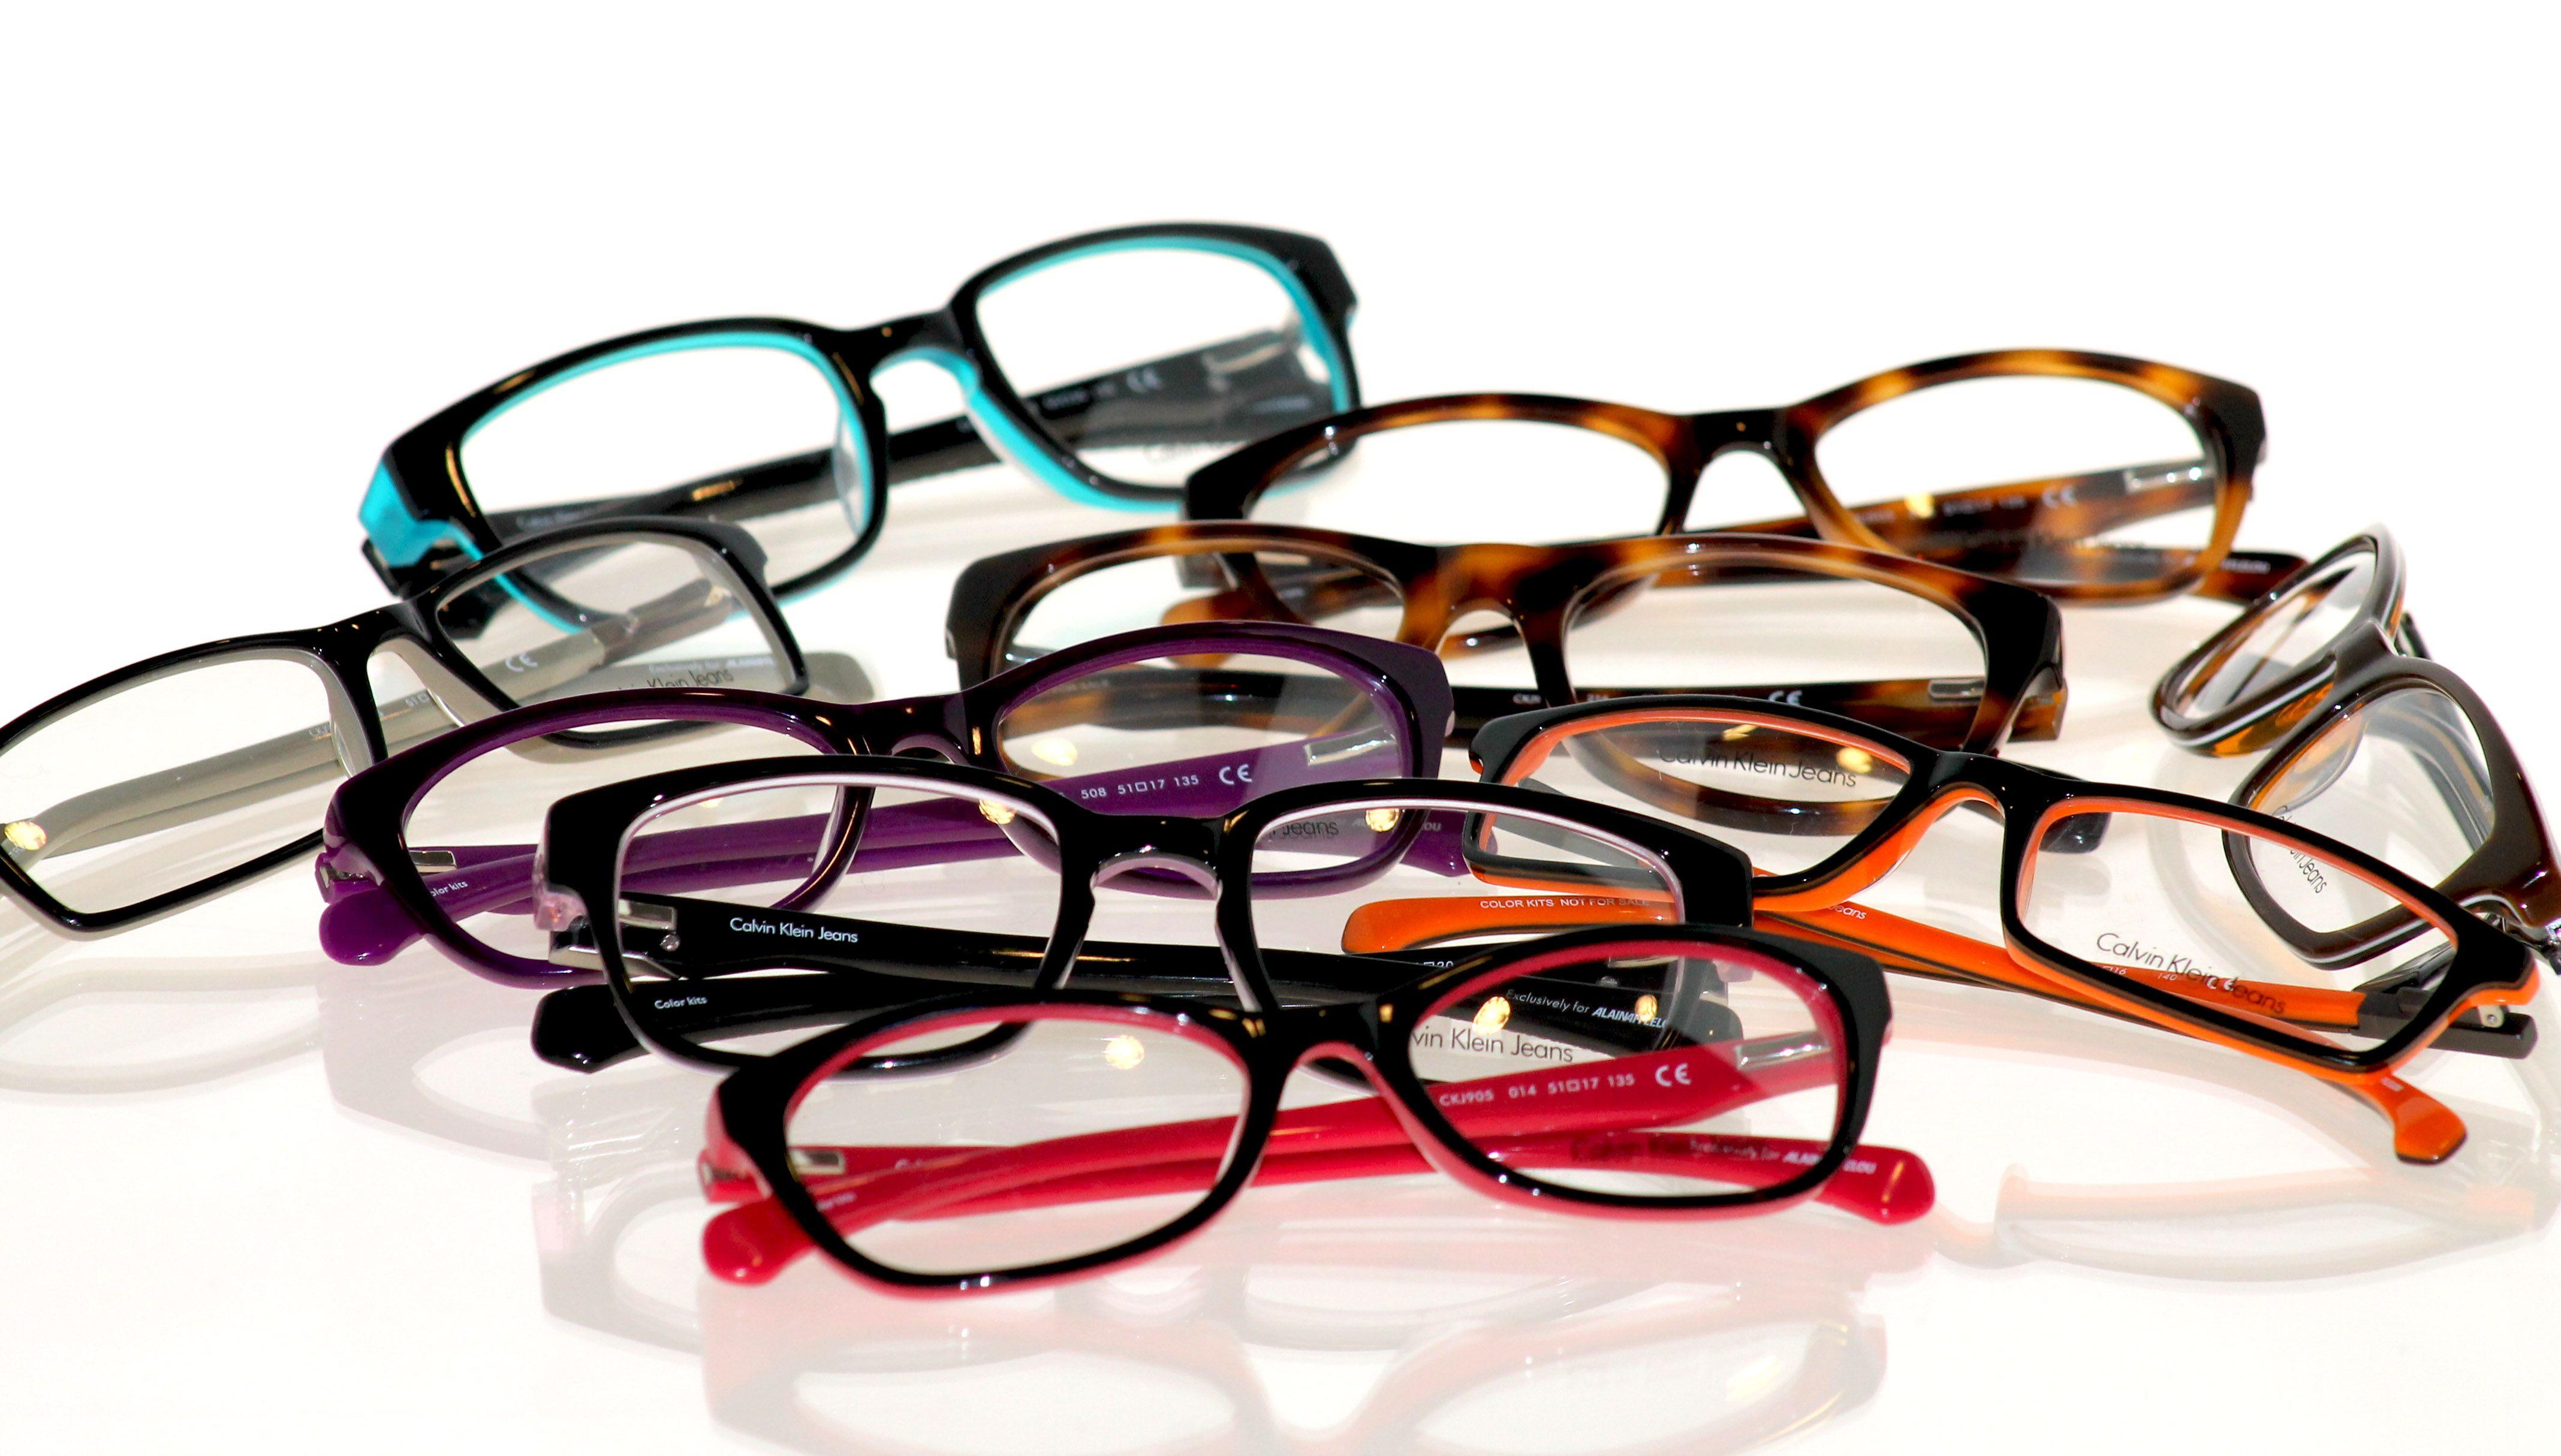 bde6180f17 Colección exclusiva de #gafas graduadas #Calvin Klein Jeans para #Alain  Afflelou, compuesta por 10 modelos (22 referencias) en acetato y metal.